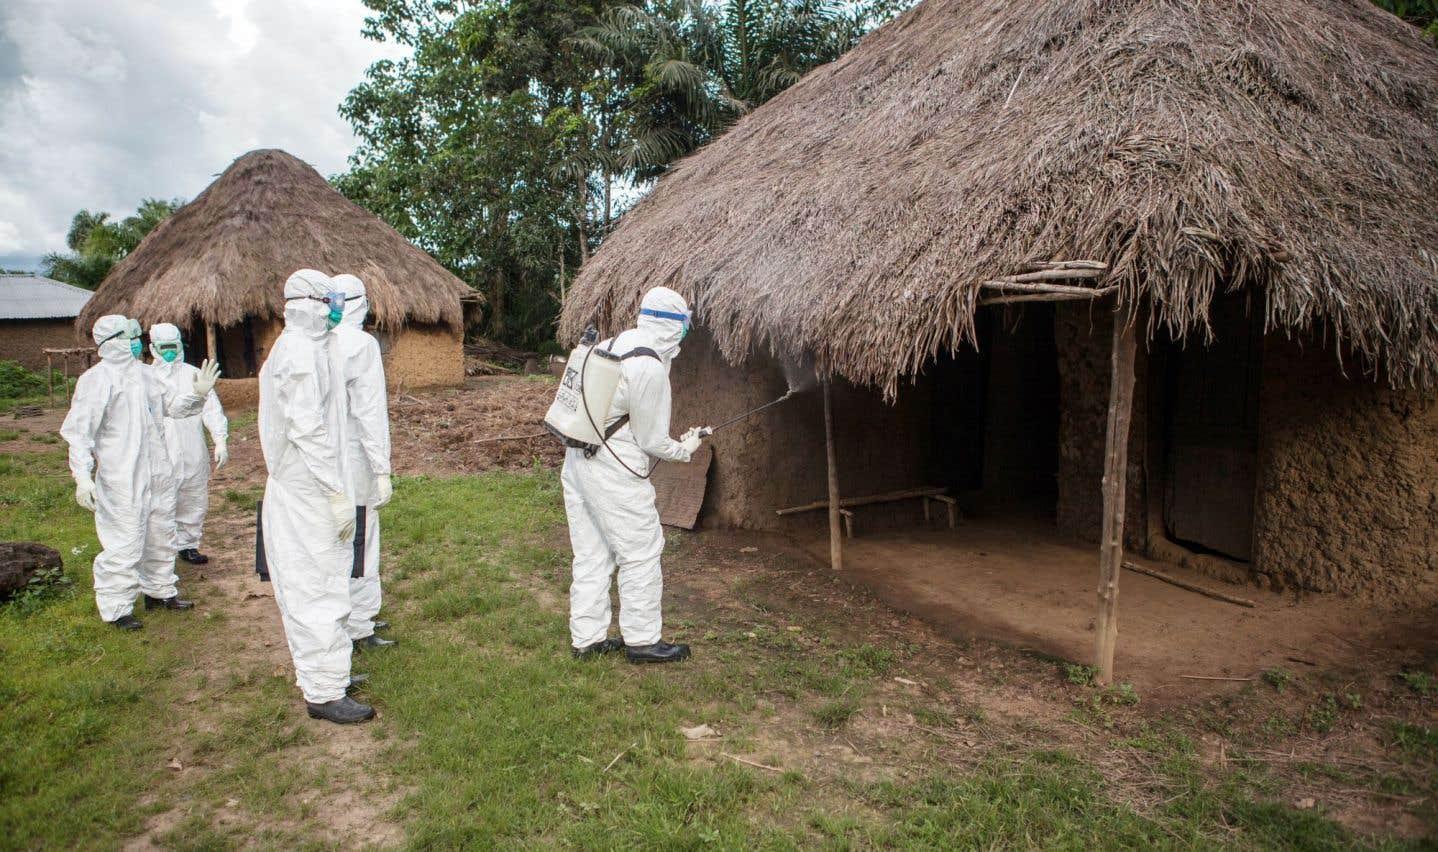 «Les hôpitaux sont très bien équipés et connaissent ce qu'il faut faire pour se protéger d'infections qui pourraient arriver de l'extérieur», soutient la directrice du Laboratoire de santé publique du Québec, Cécile Tremblay.